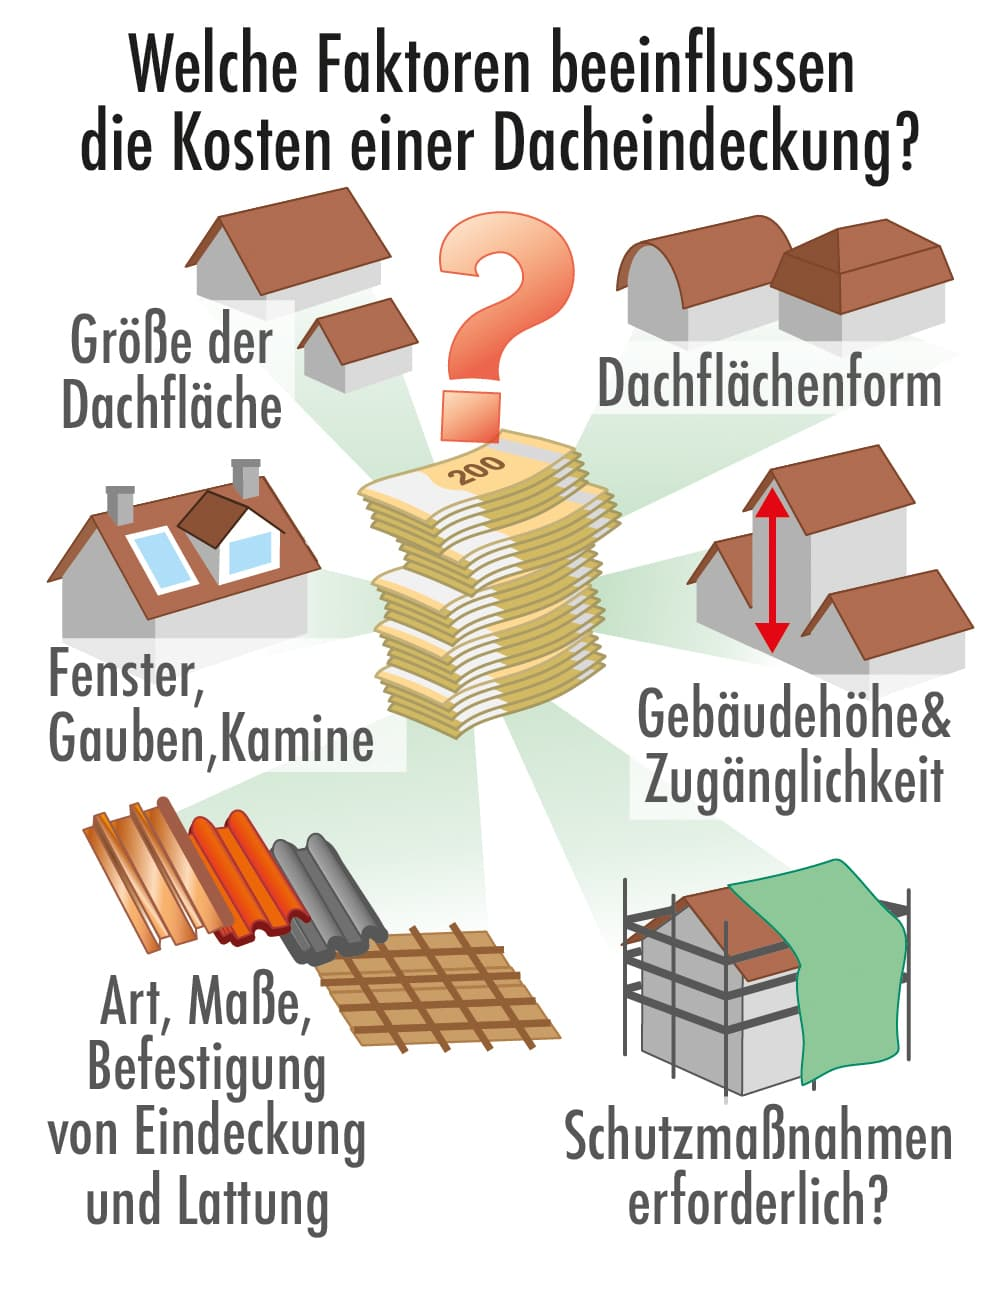 Welche Faktoren beeinflussen die Kosten einer Dacheindeckung?